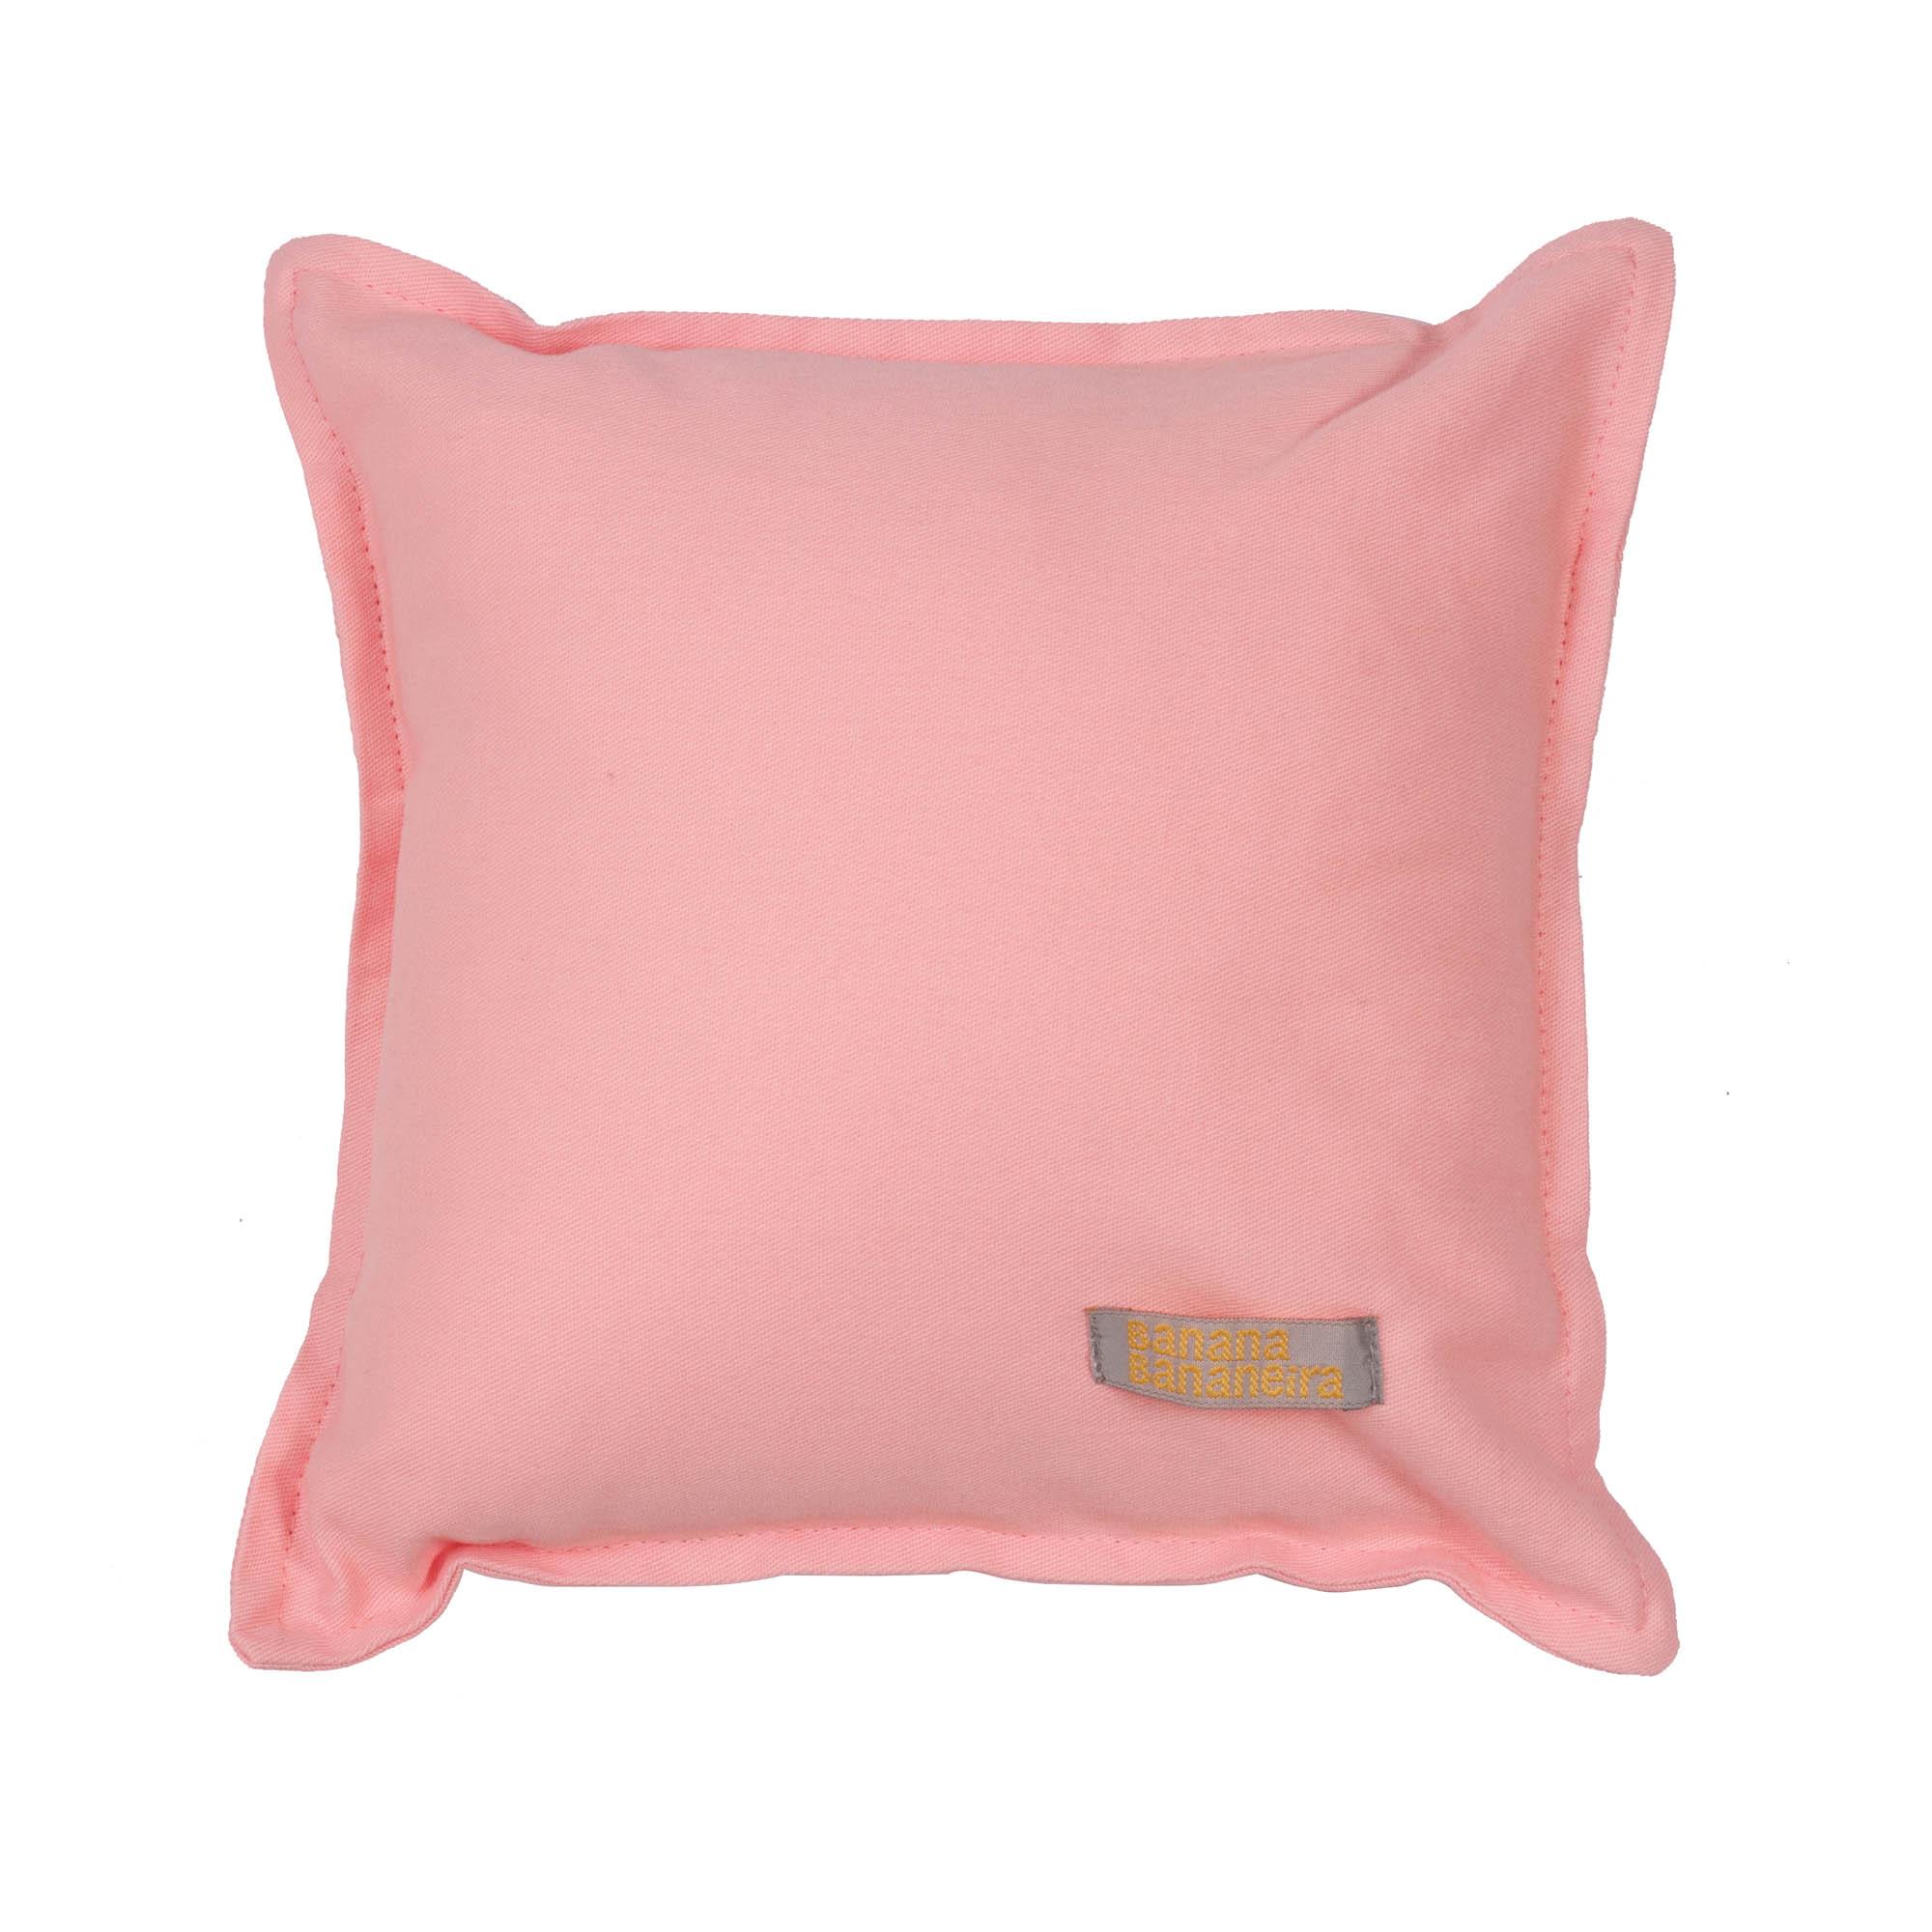 Almofada em pesponto 25 cm x 25 cm rosa algodão doce